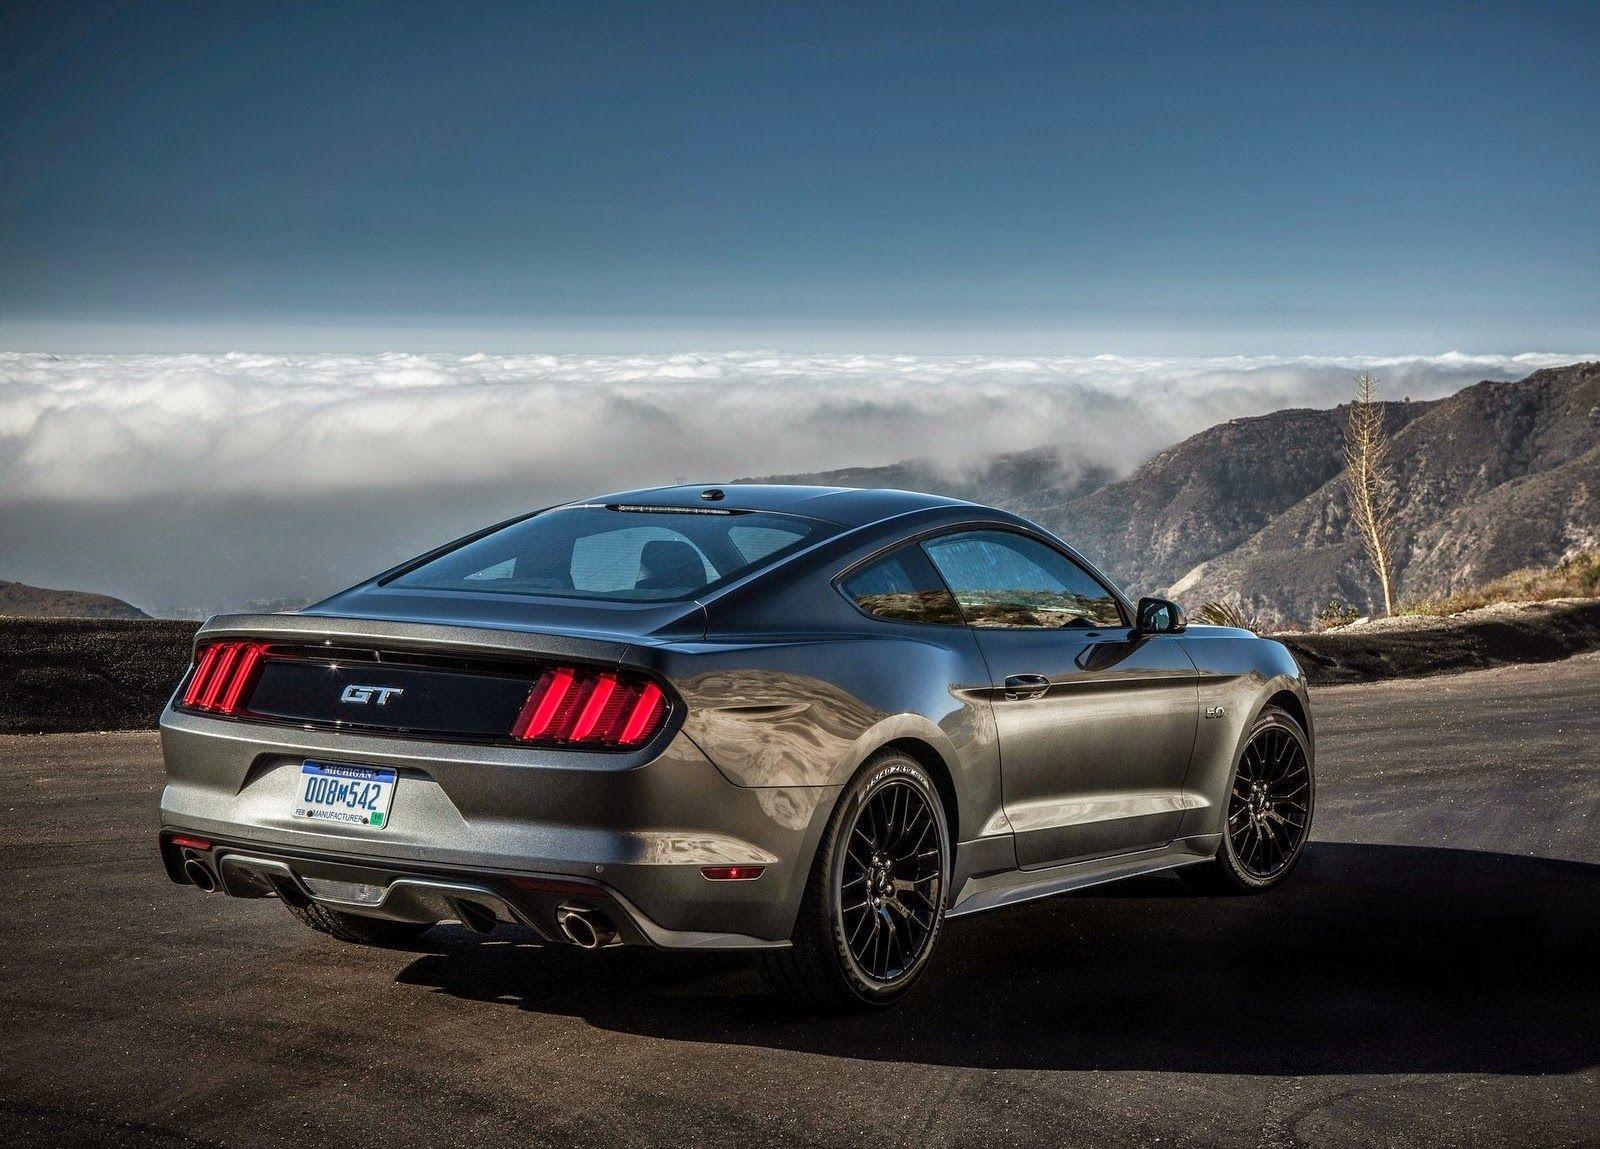 2017 Mustang Gt Wallpapers 1600x1149